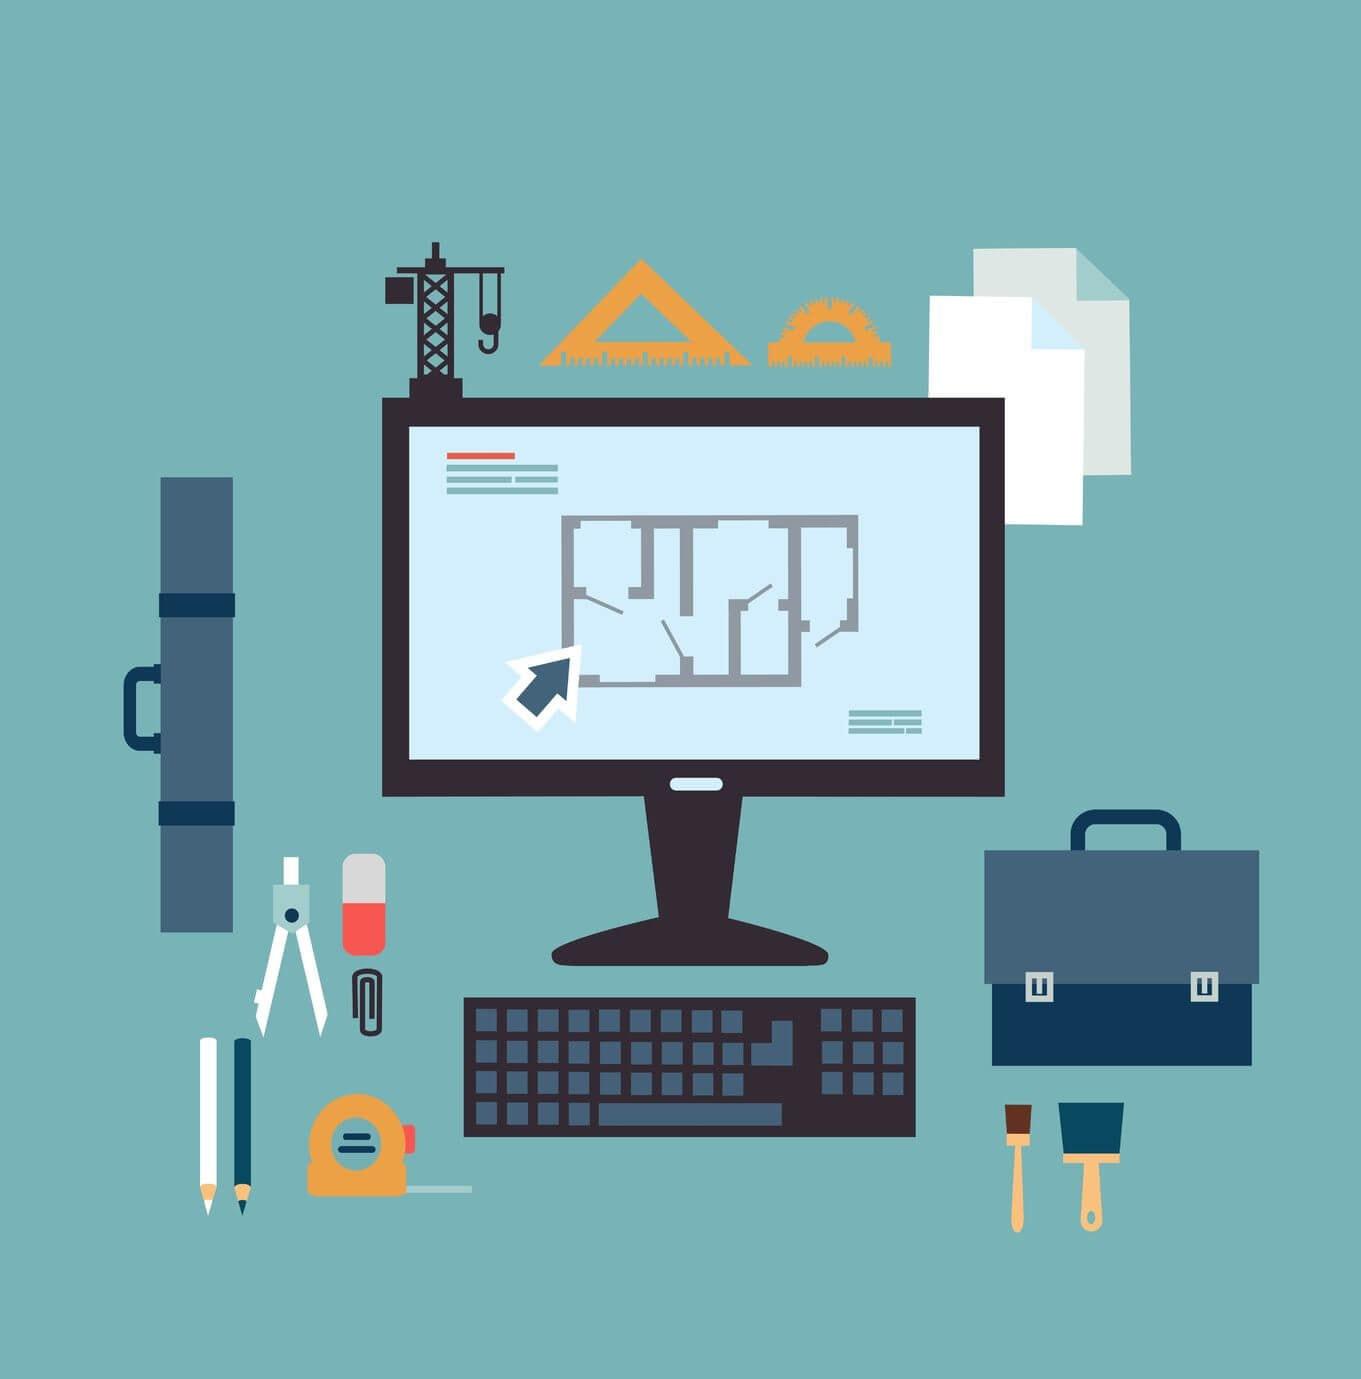 Grafik mit türkisenem Hintergrund, auf der ein Computer mit Tastatur zu sehen ist. Davor liegen eine Tasche, Stifte, Radiergummi und Pinsel